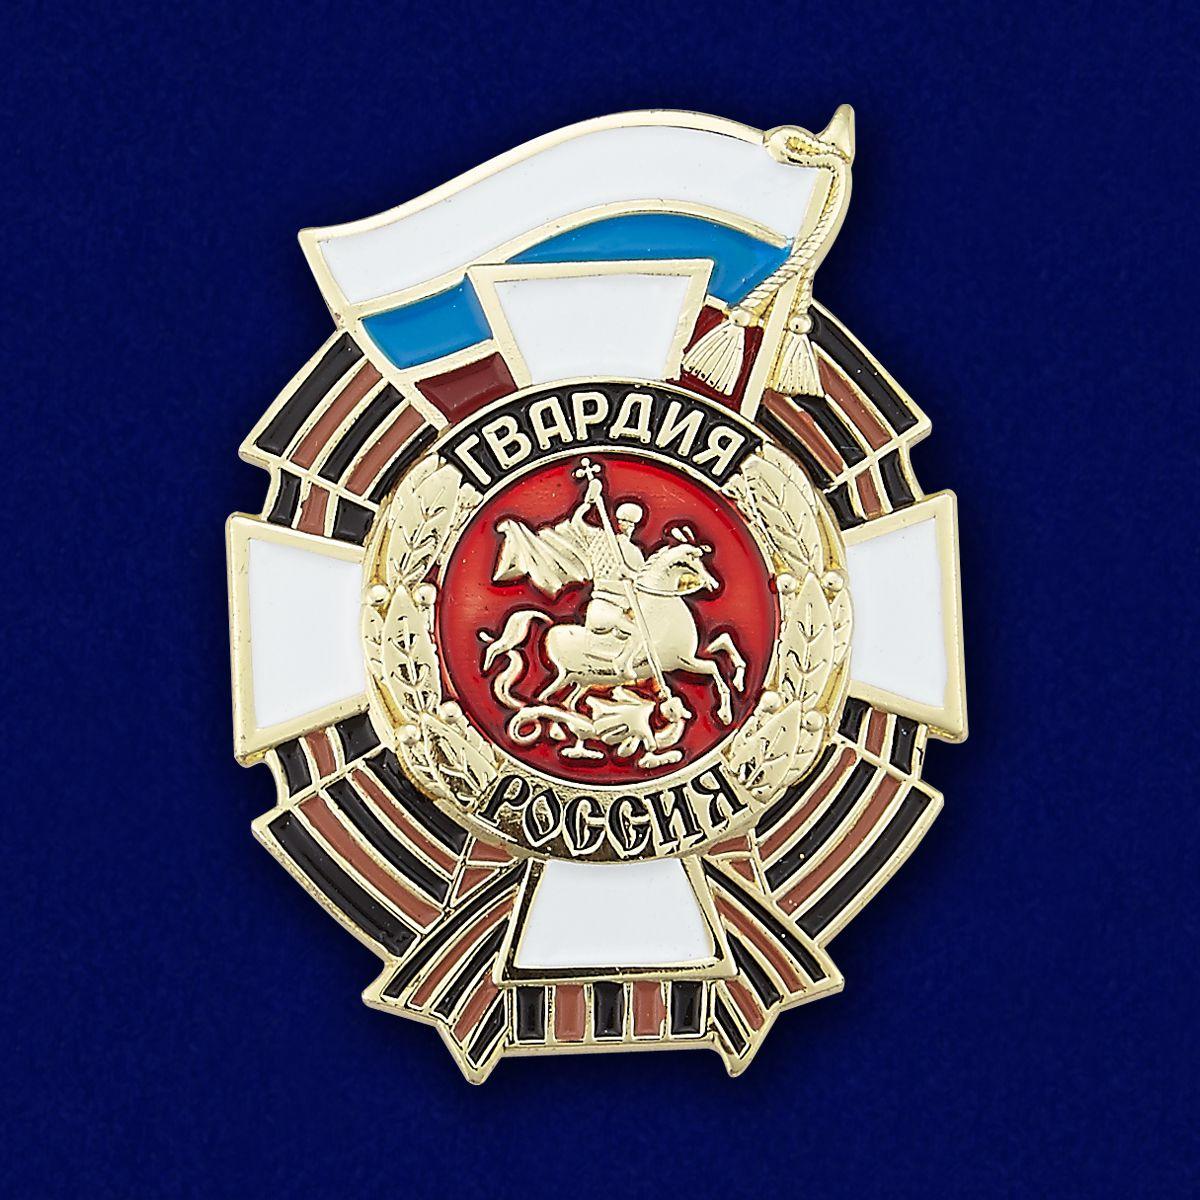 Нагрудный знак Гвардия Россия